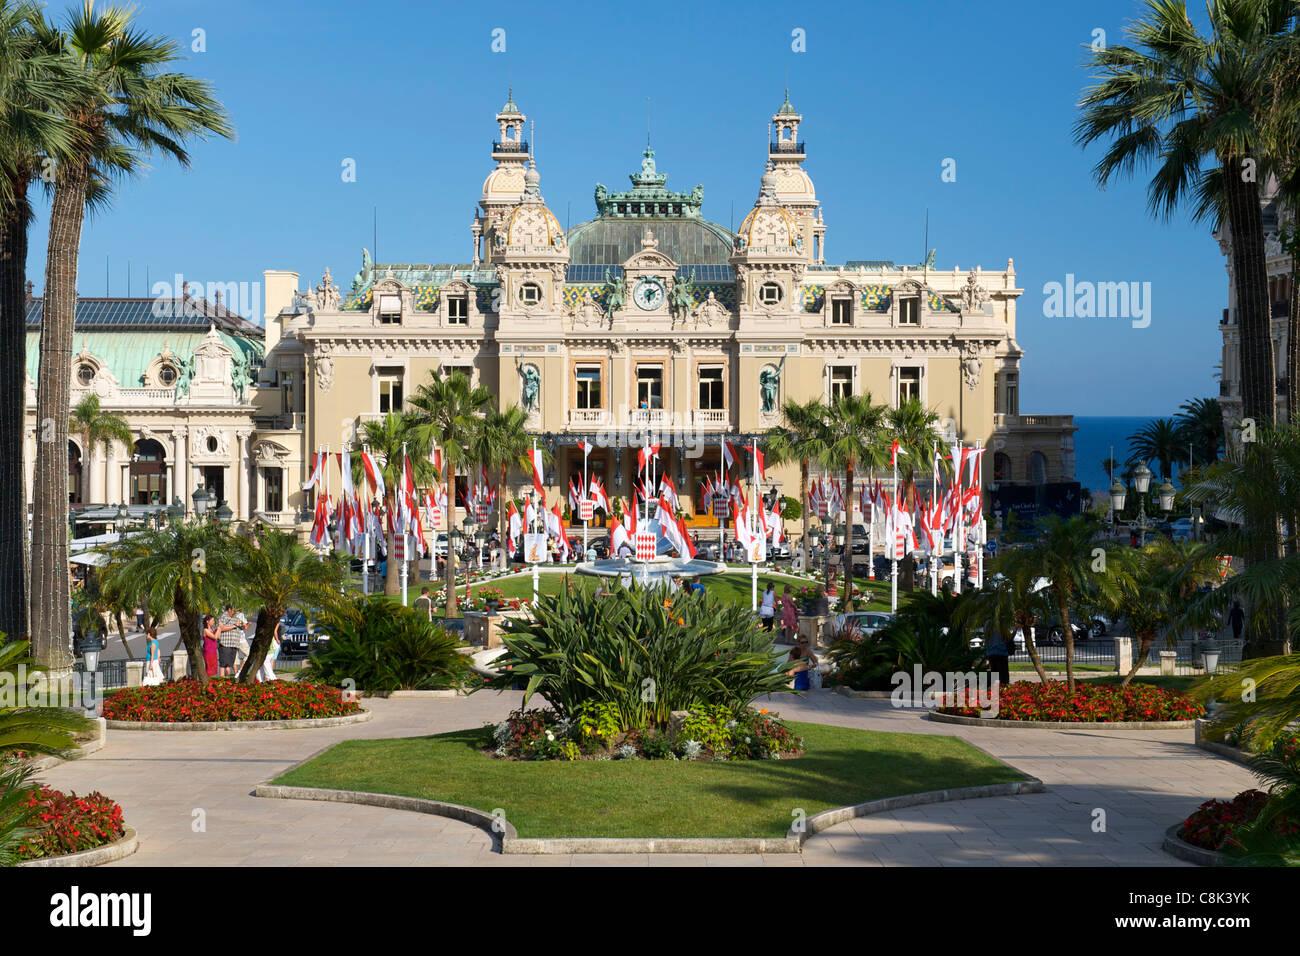 Casinò di Monte Carlo nel principato di Monaco sulla Riviera Francese lungo la costa mediterranea. Immagini Stock